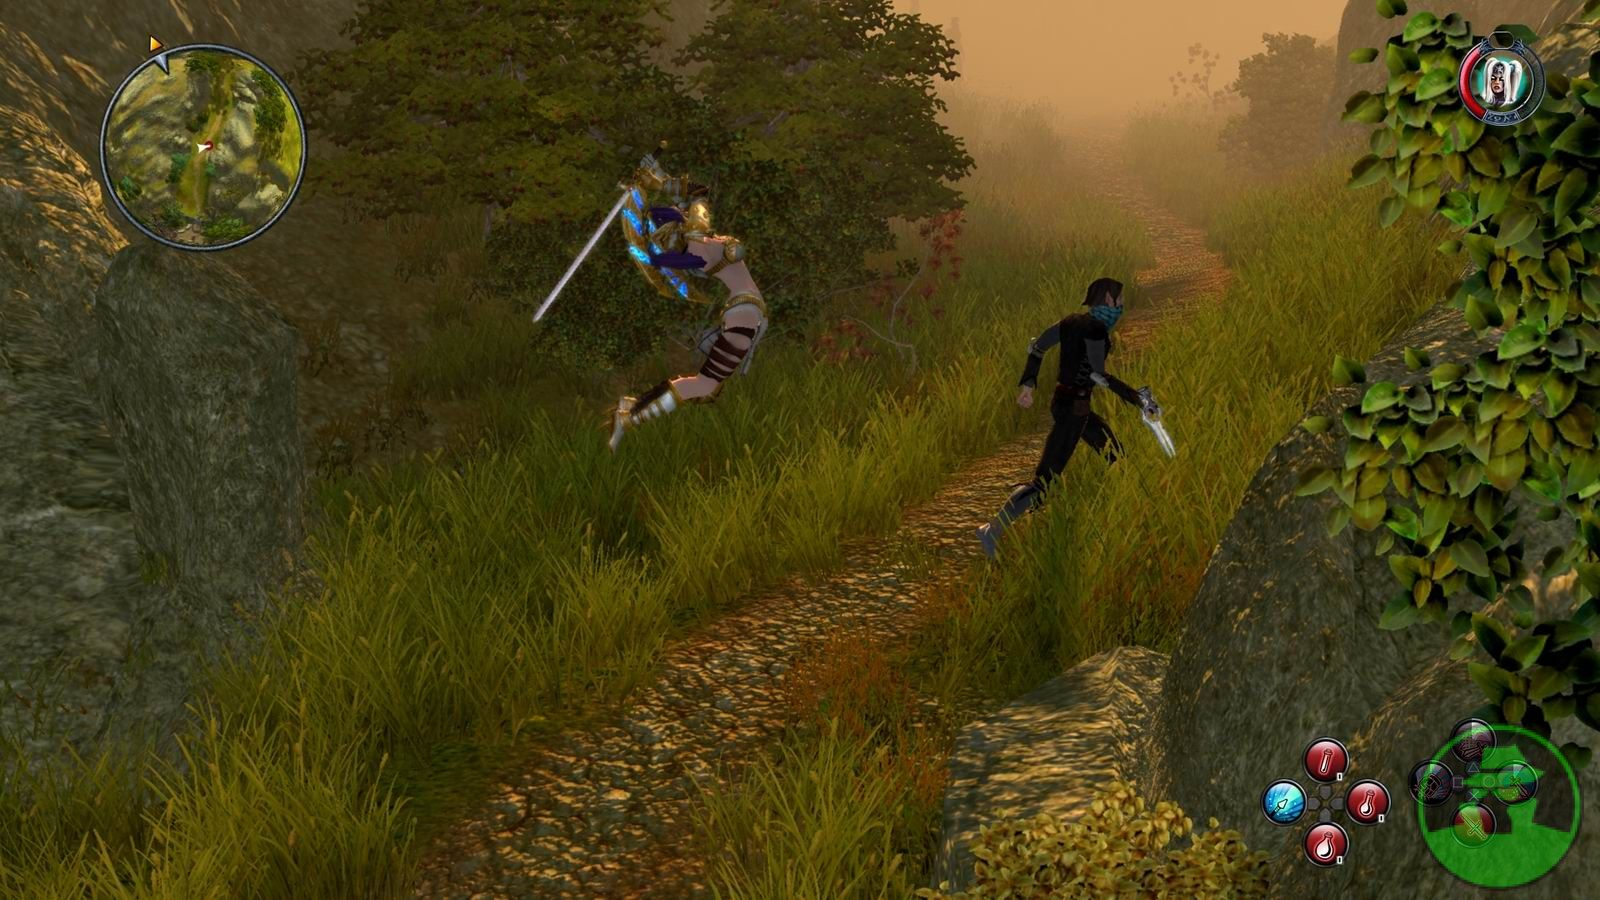 Sacred 2 Fallen Angel Screenshots Pictures Wallpapers